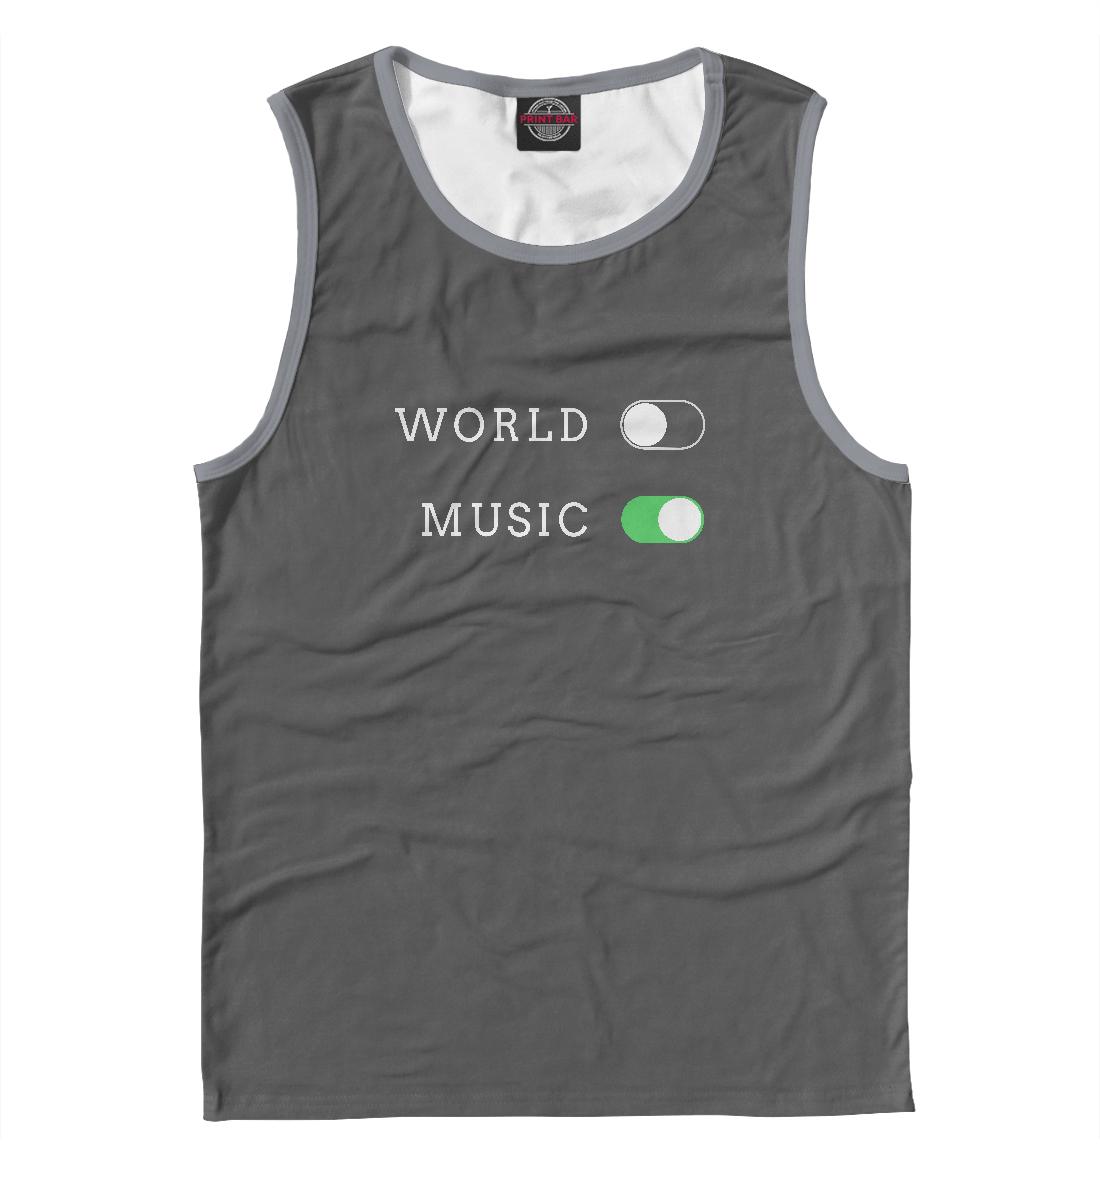 MUSIC ON mikael niemi popular music